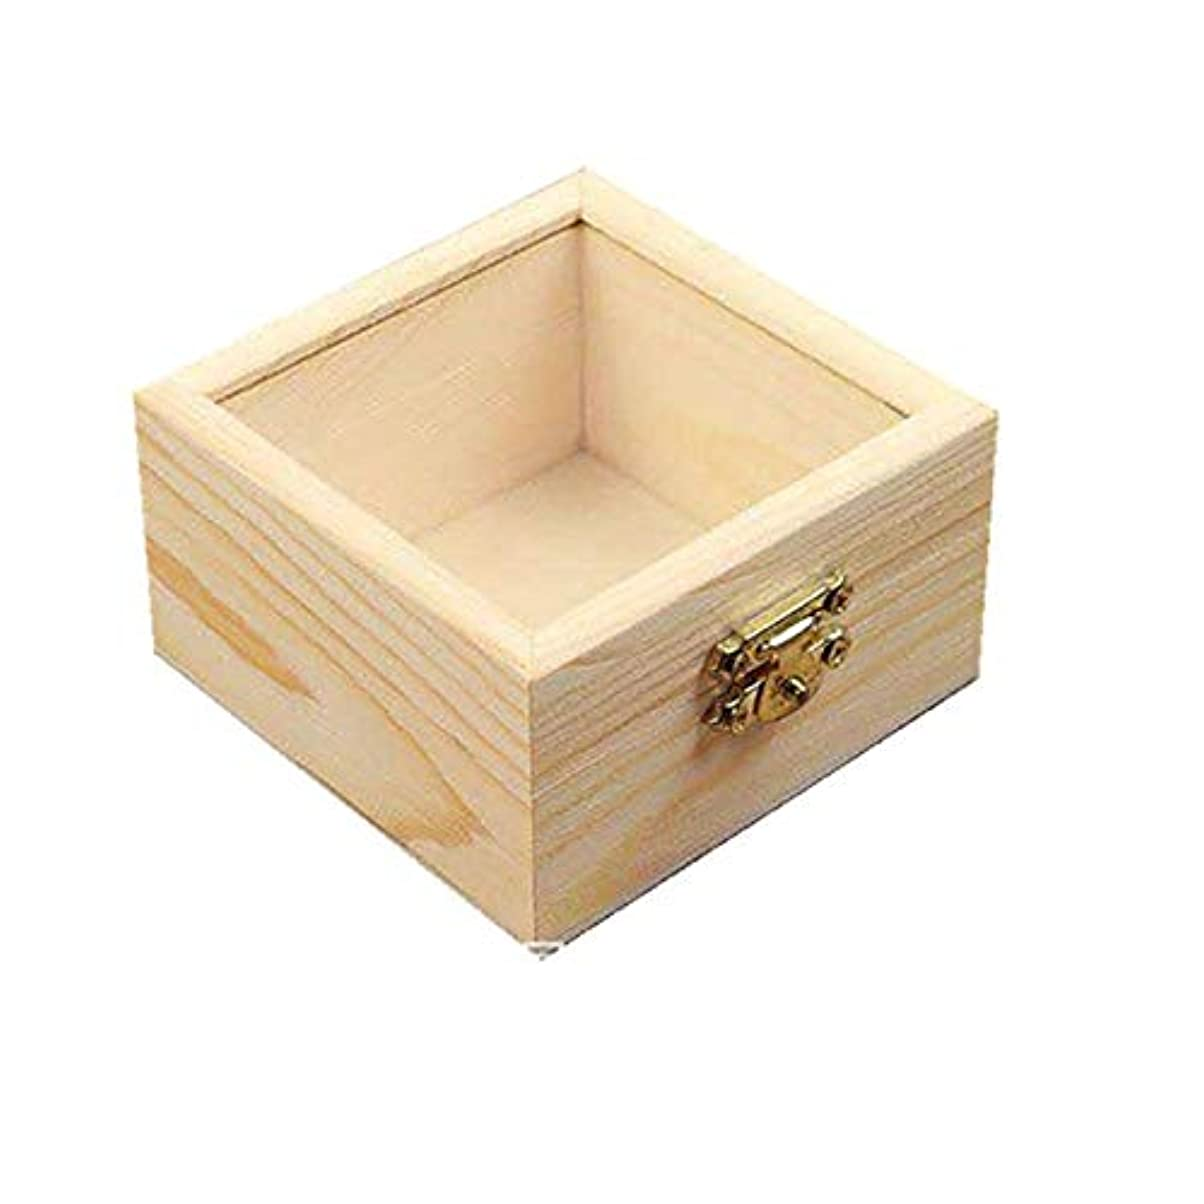 飼い慣らす真向こうキャンパス精油ケース 木製のエッセンシャルオイルは、プレゼンテーションのために完璧なエッセンシャルオイルケースはBox 携帯便利 (色 : Natural, サイズ : 8.5X8.5X5CM)